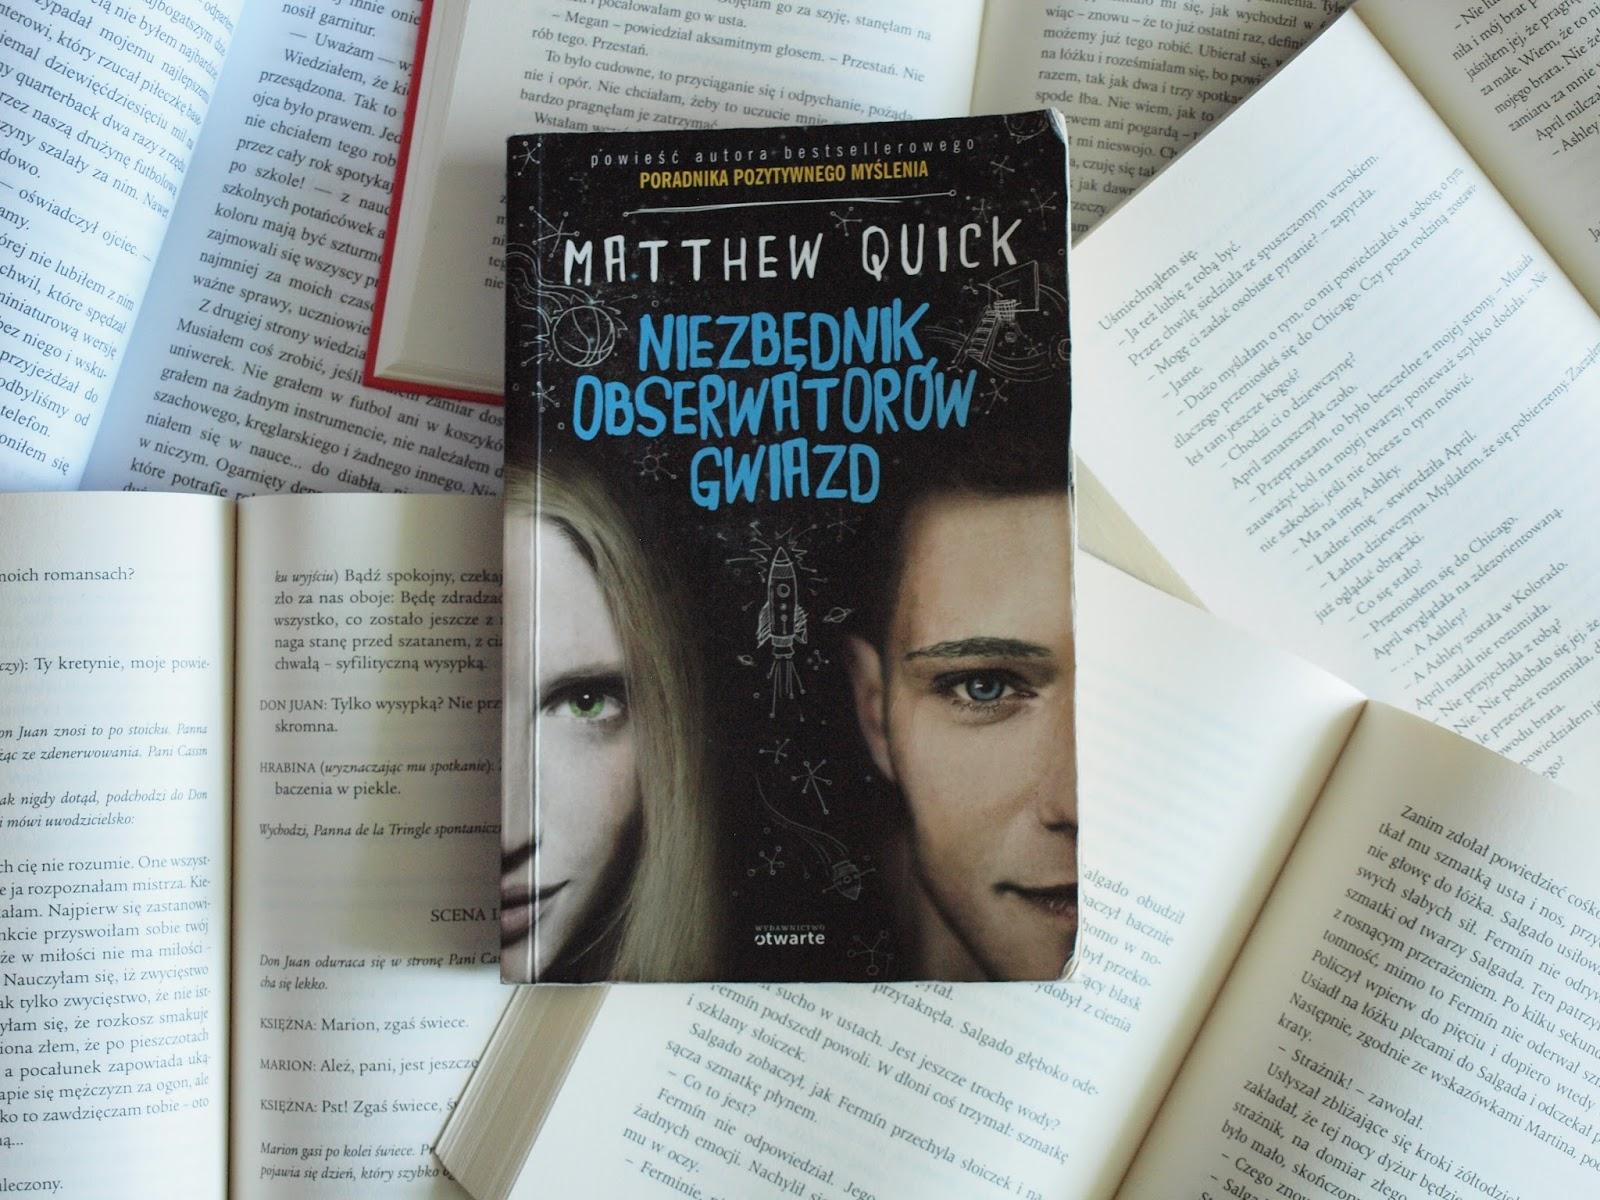 Niezbędnik obserwatorów gwiazd - Matthew Quick